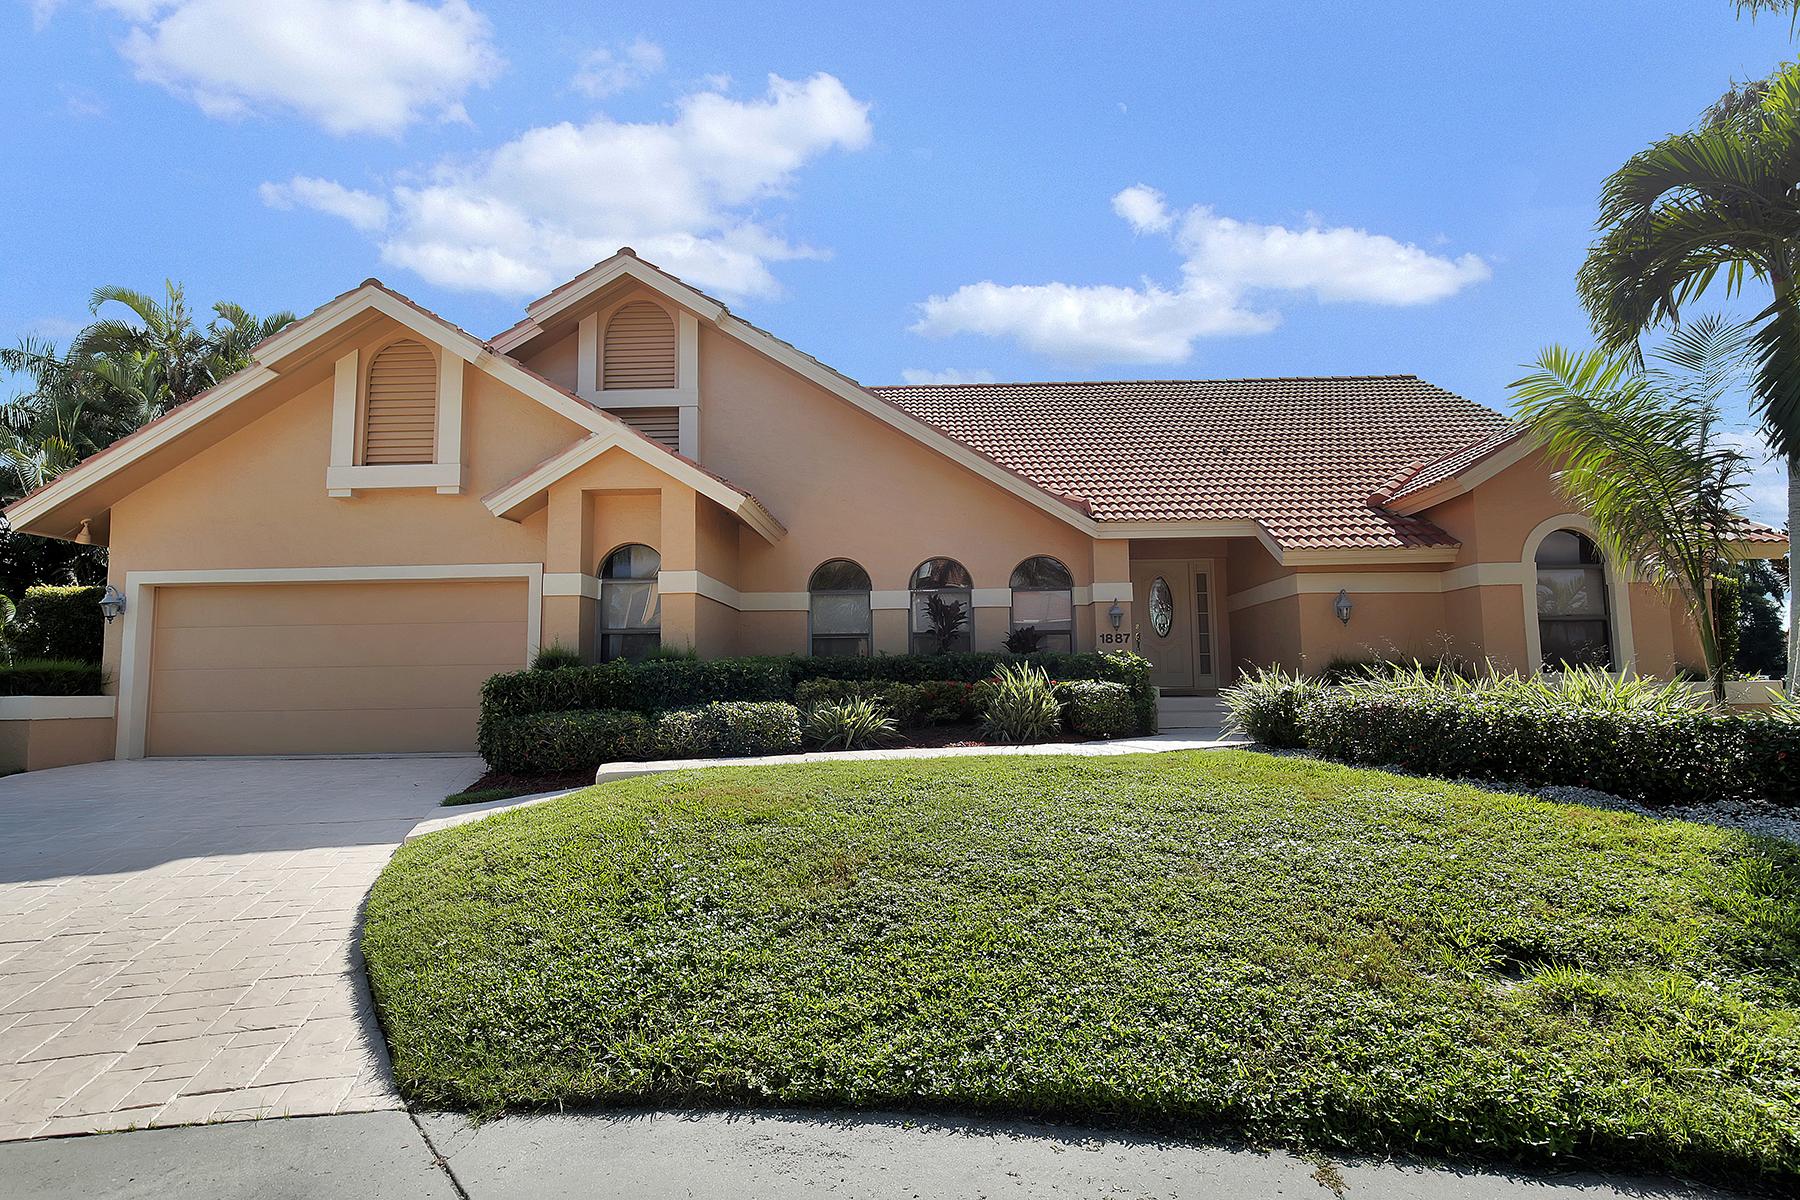 独户住宅 为 销售 在 MARCO ISLAND - CASCADE COURT 1887 Cascade Ct Marco Island, 佛罗里达州 34145 美国